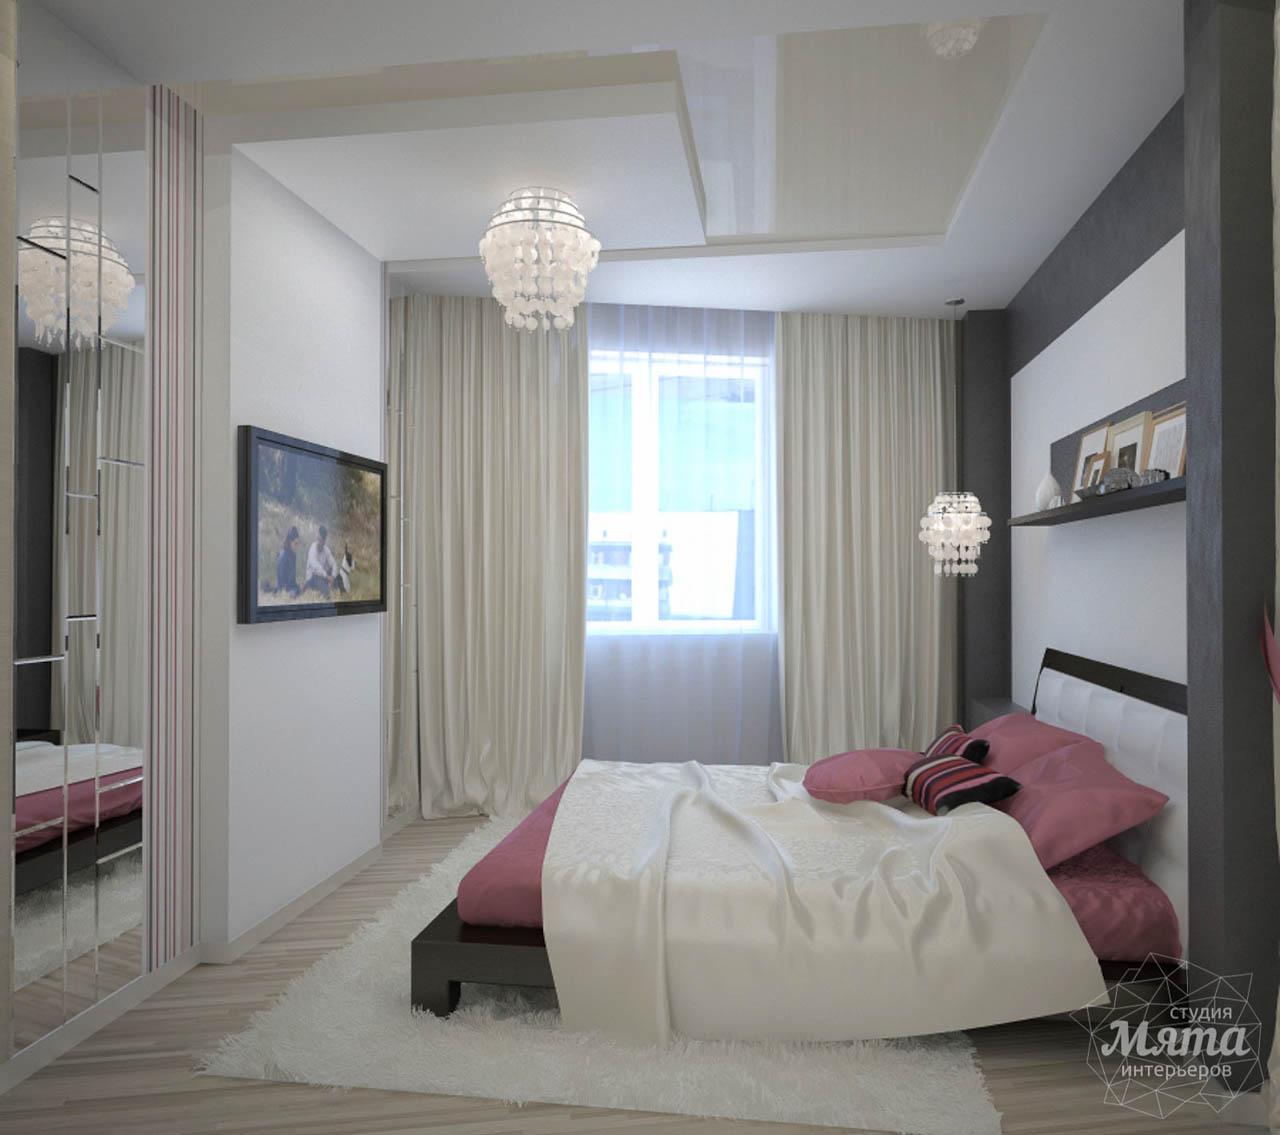 Дизайн интерьера и ремонт трехкомнатной квартиры по ул. Попова 33а img962611812